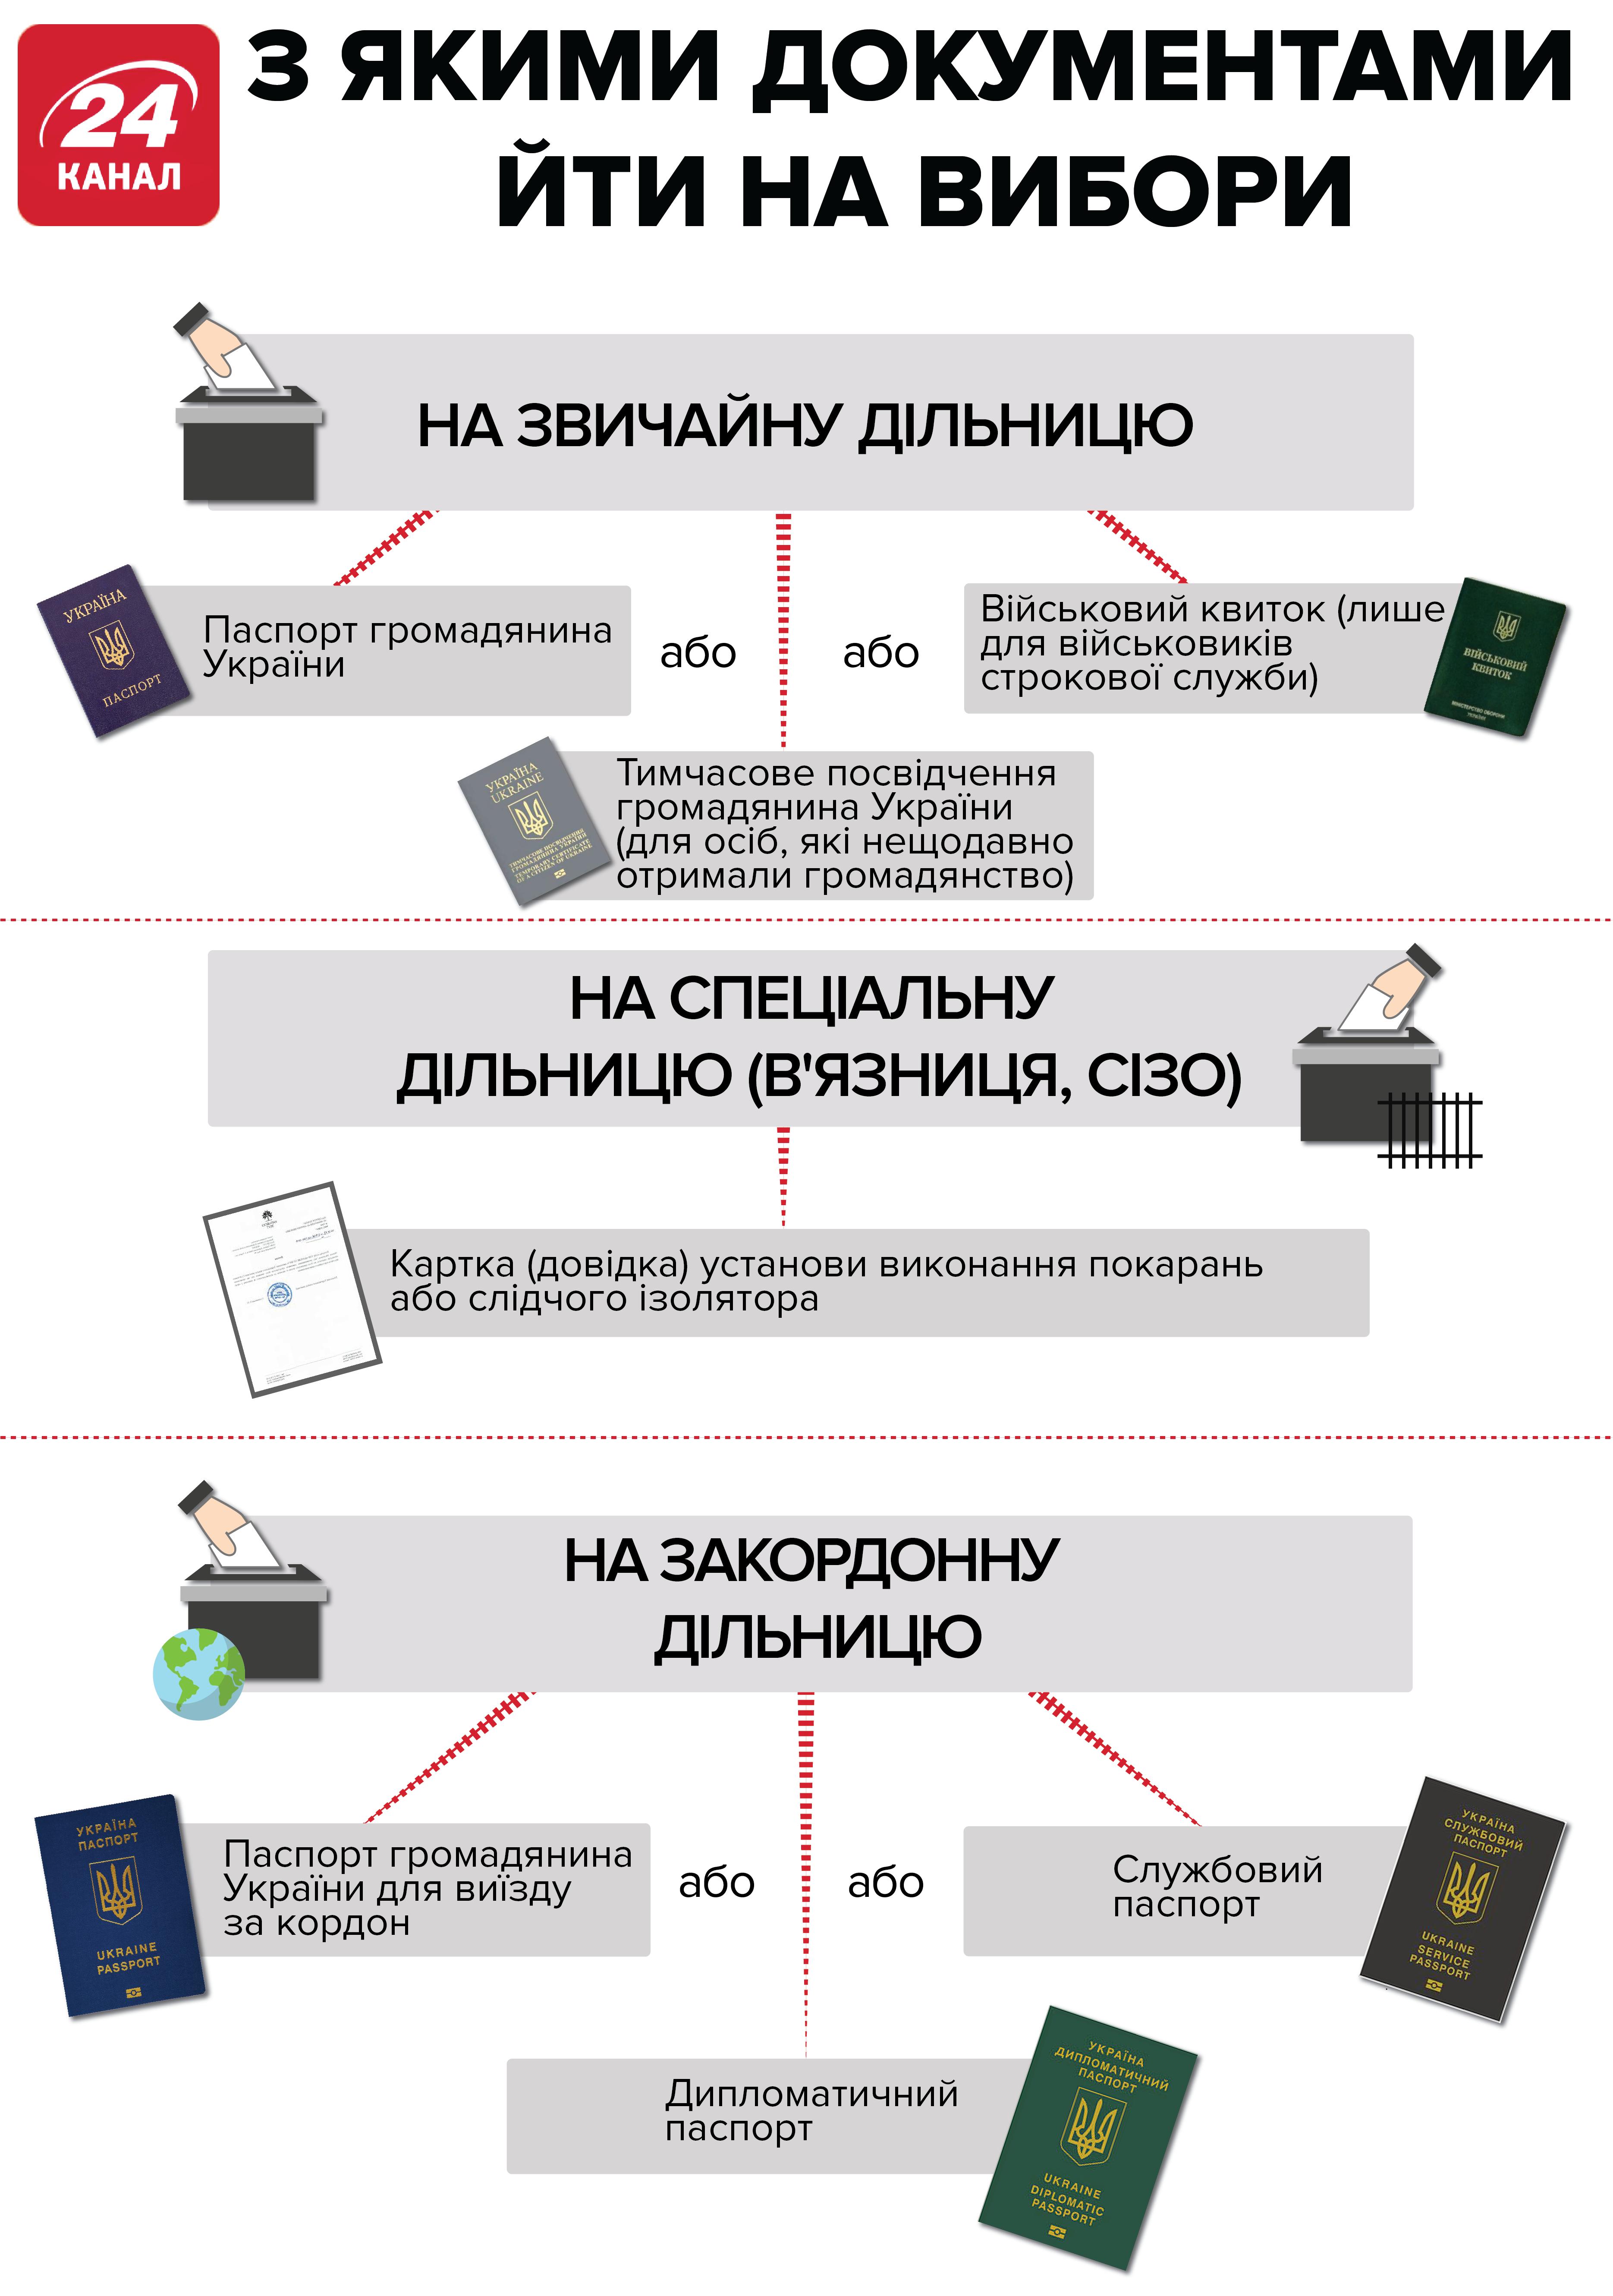 Вибори які документи потрібні